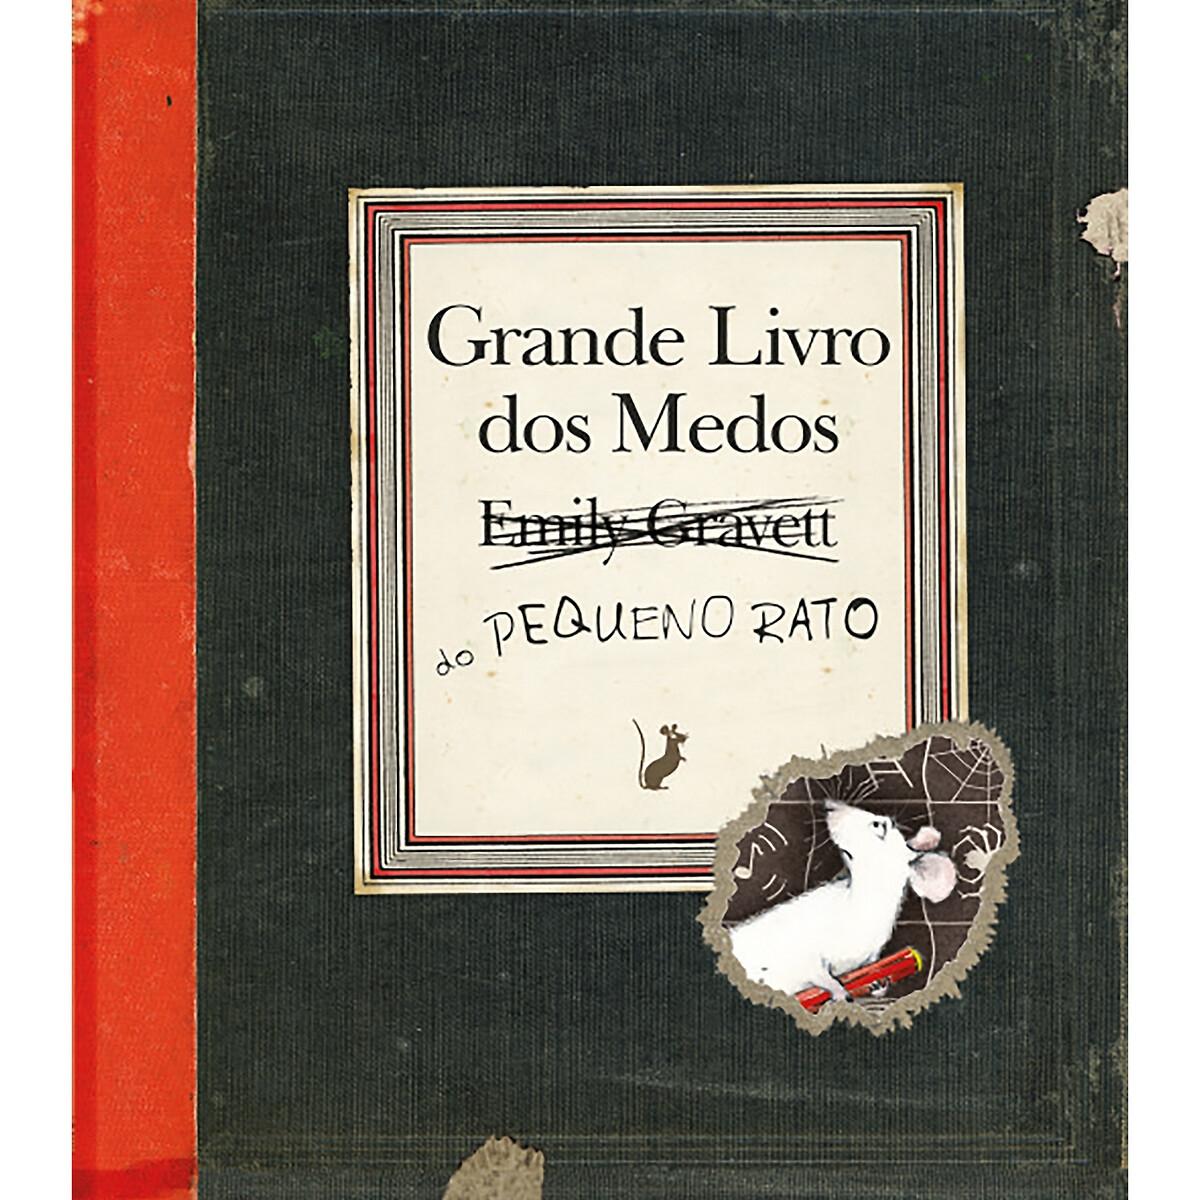 LIVROS HORIZONTE - Livros Horizonte Livro Grande Livro dos Medos do Pequeno Rato